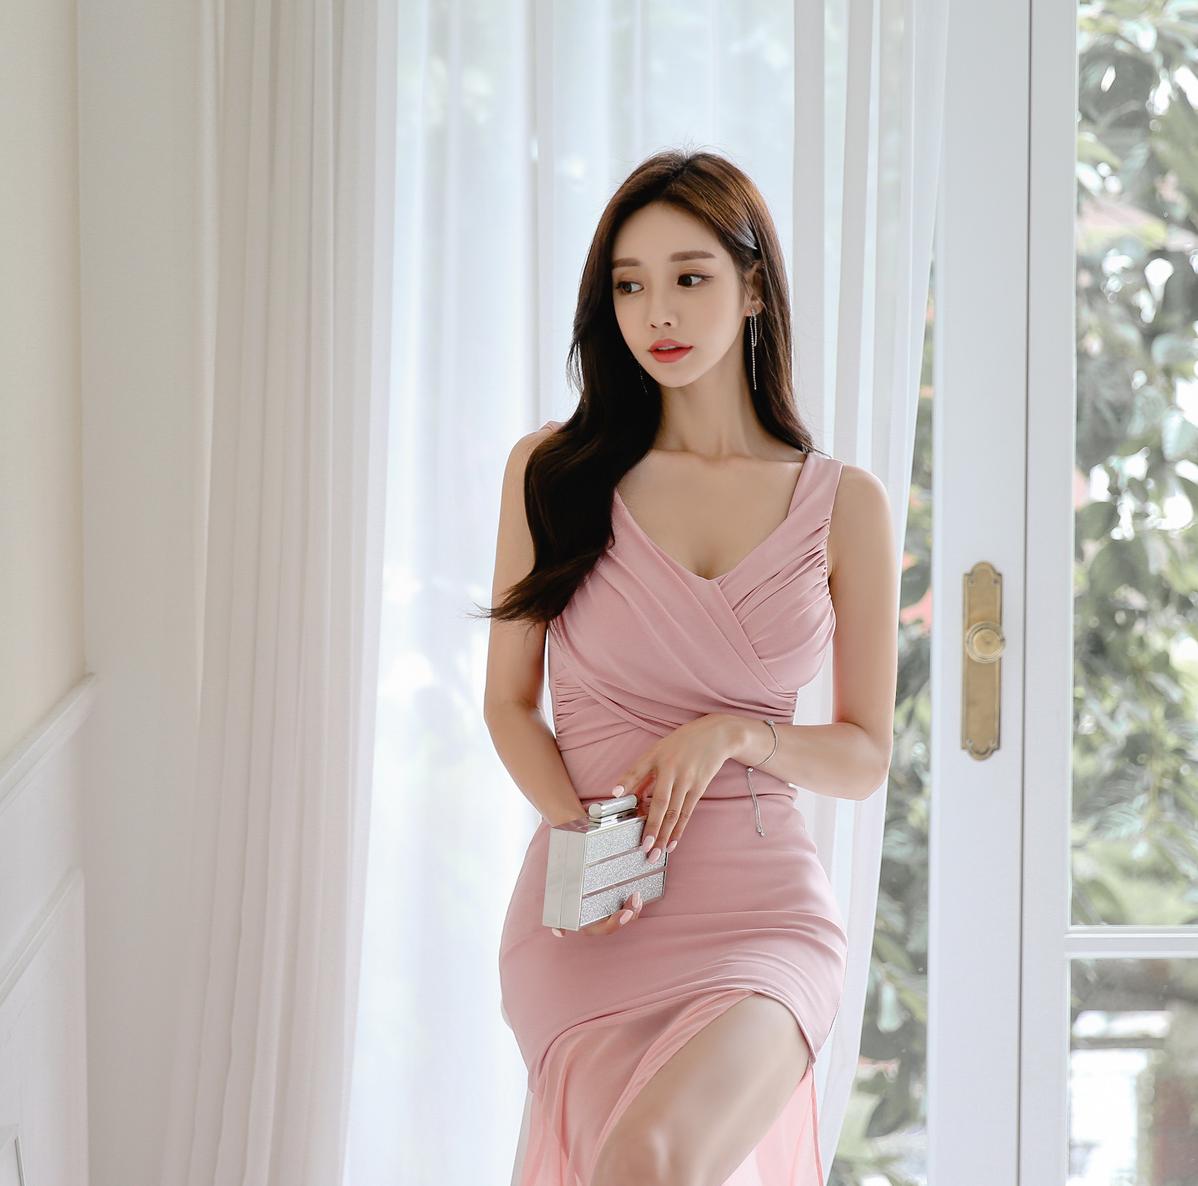 孙允珠性感淡粉色清透长裙,甜蜜美人,表白一万次都不够啊!